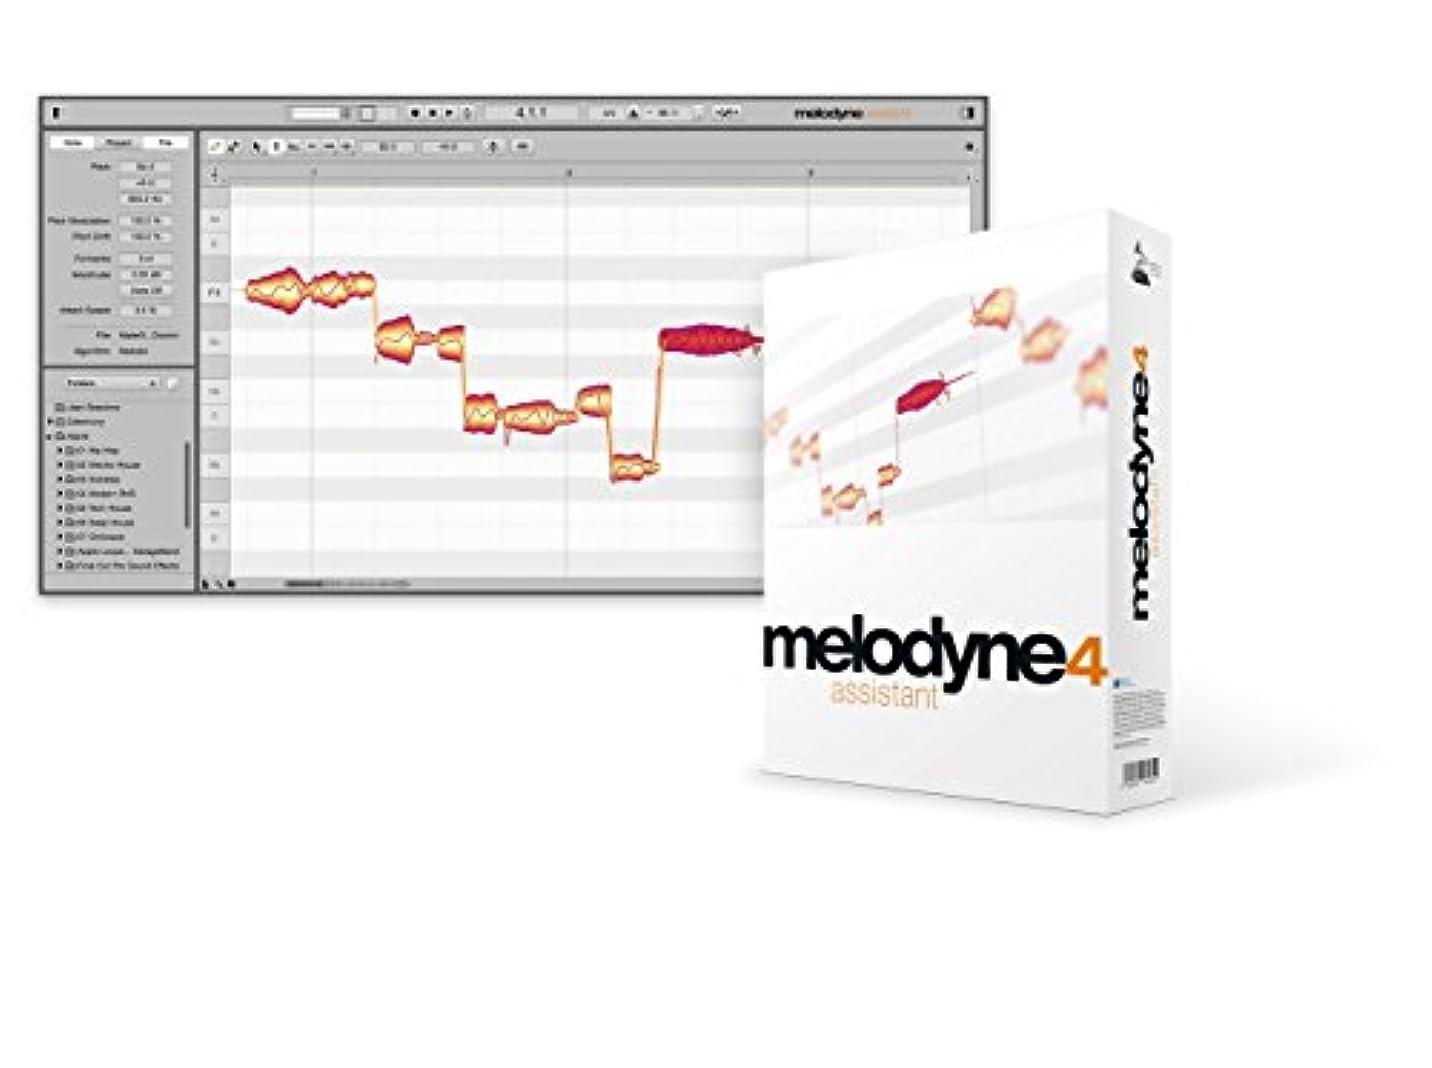 マラウイグリップ恐れるCelemony Software MELODYNE 4 ASSISTANT ピッチ編集ソフト【国内正規品】